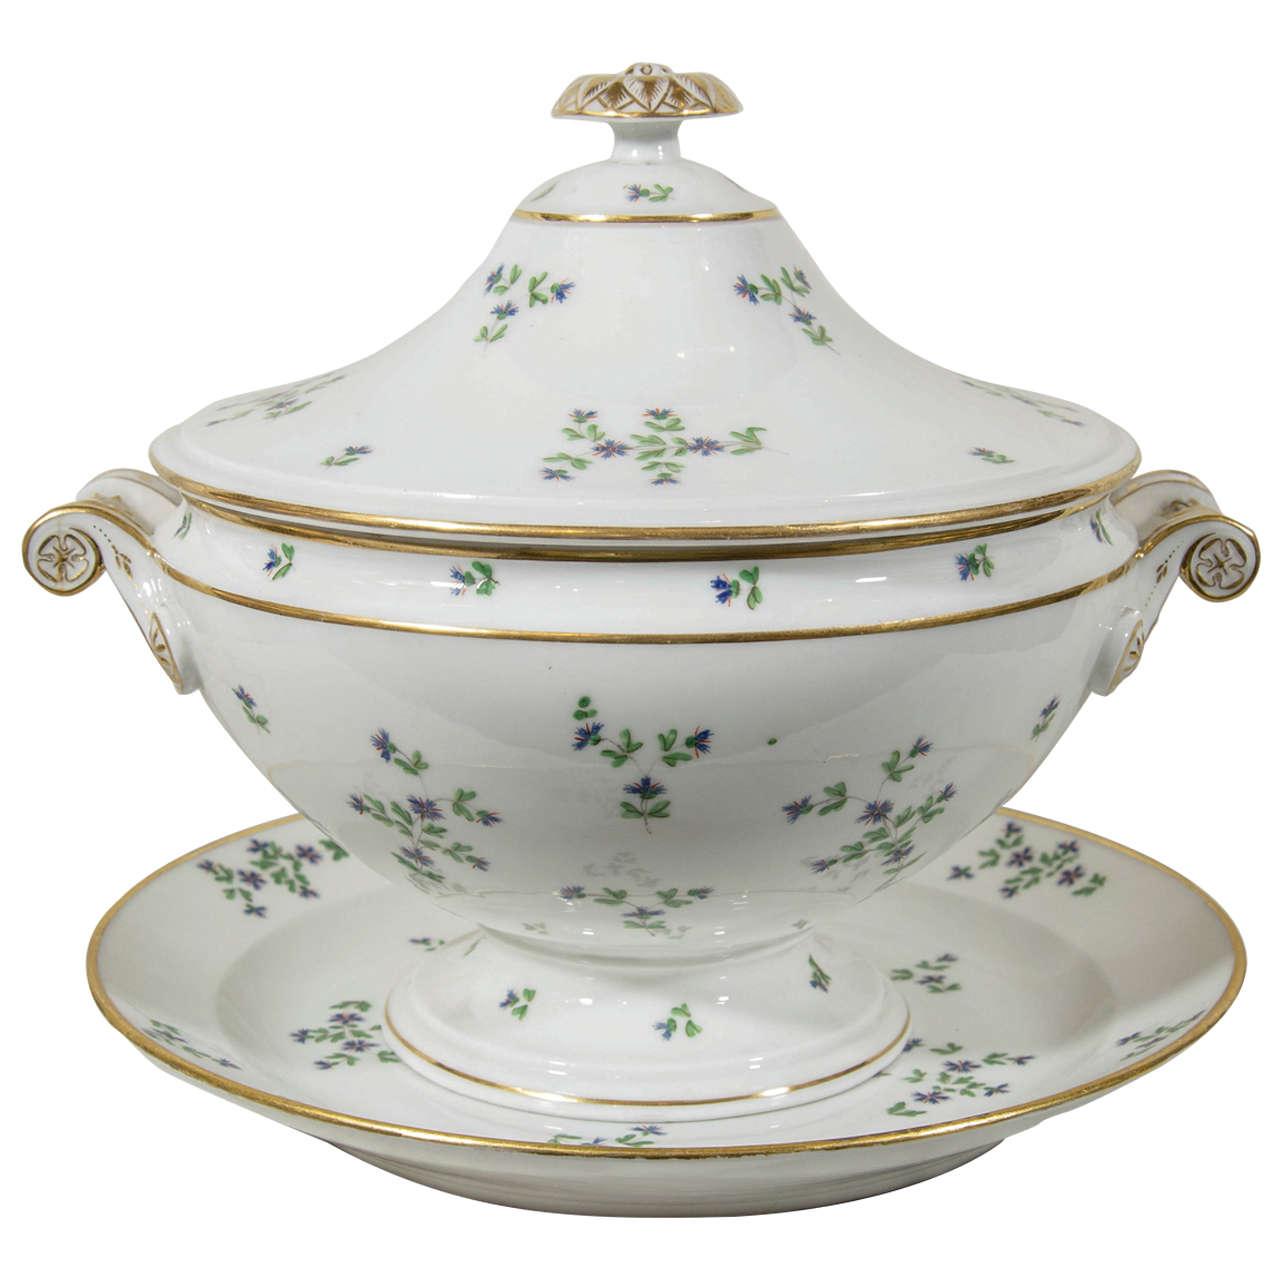 Antique Paris Porcelain Soup Tureen Cornflower Sprig